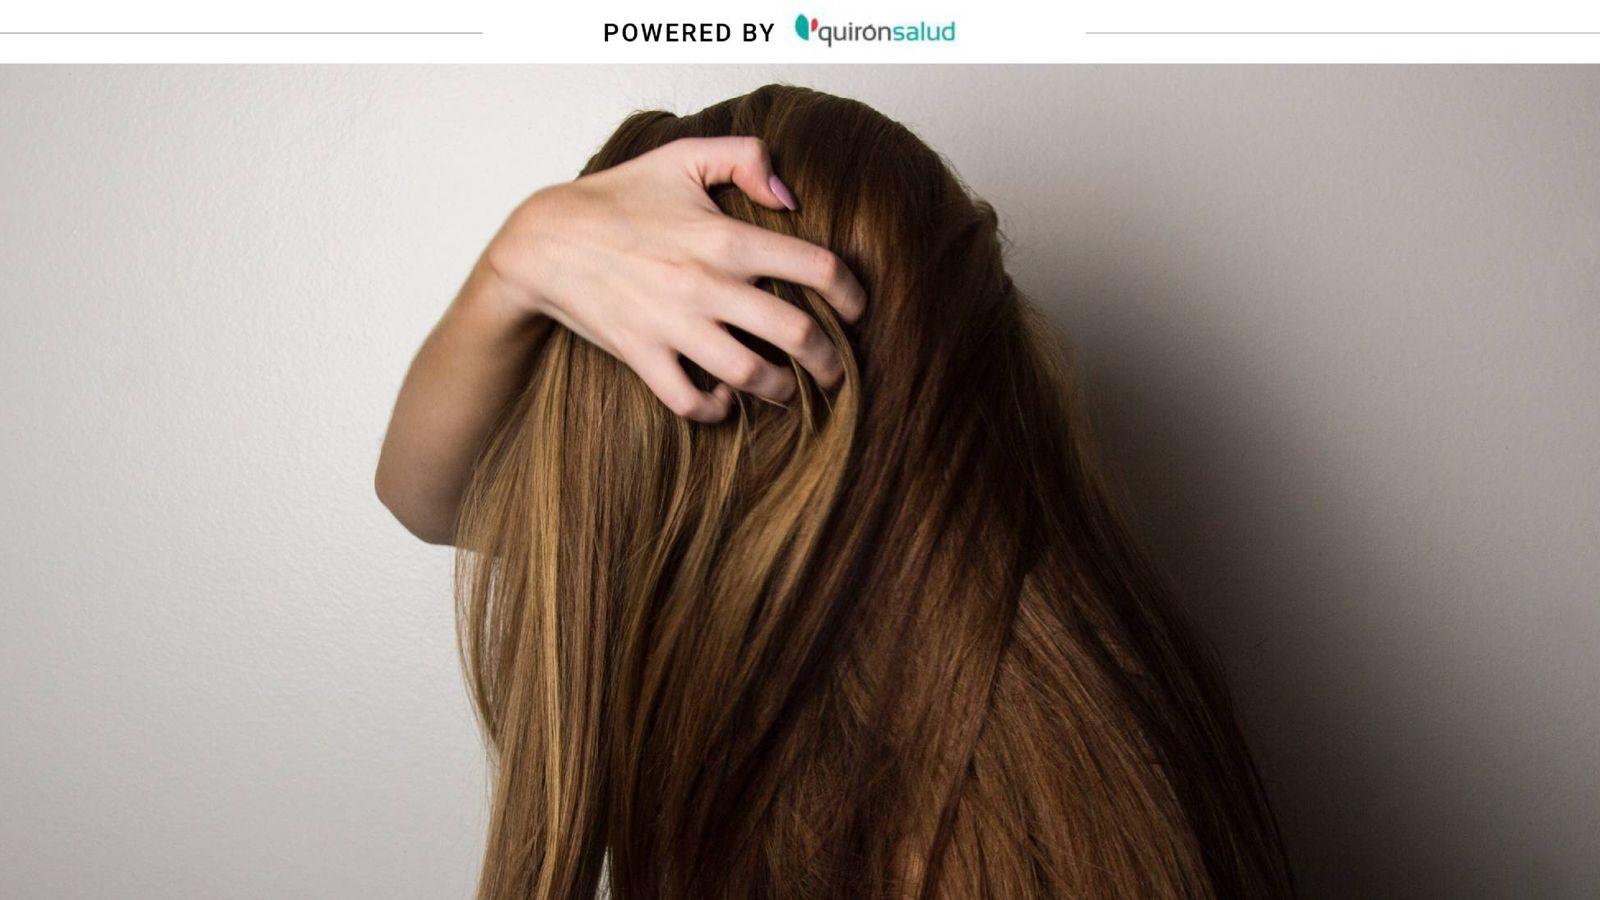 página cáncer Retencion  Salud: Ni champú anticaída ni vitaminas: cómo frenar (de verdad) la alopecia